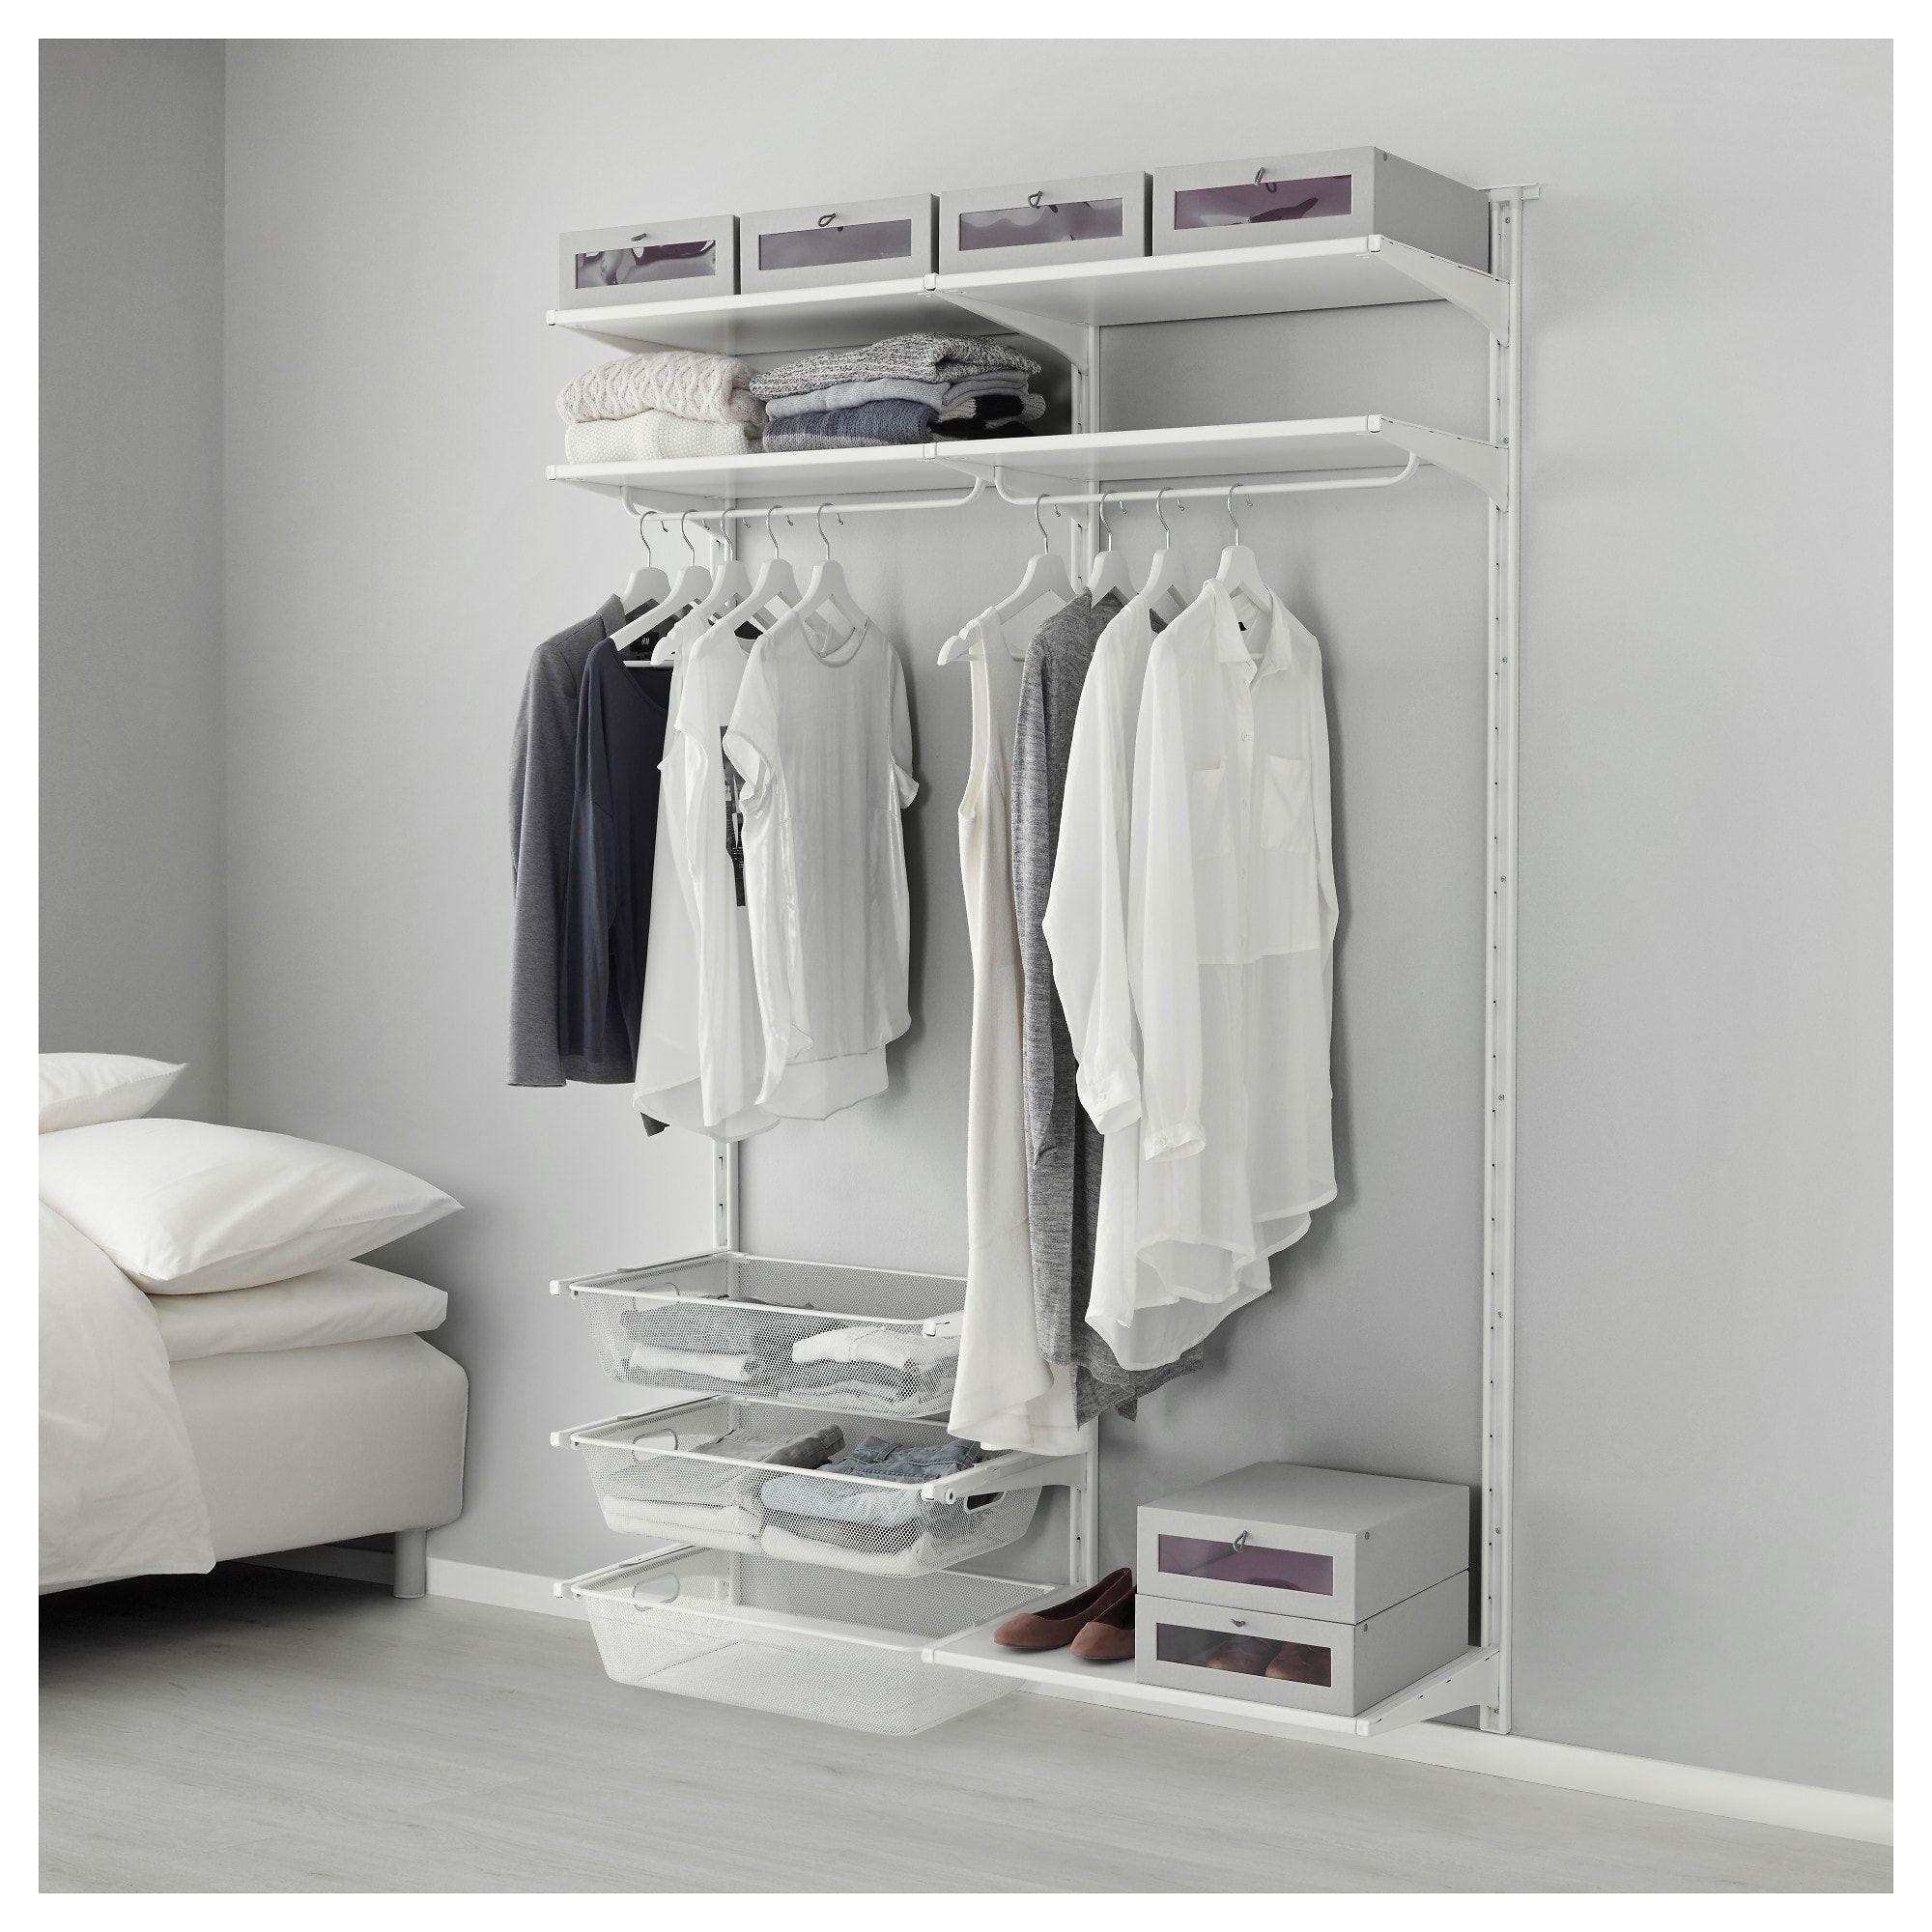 Algot Wall Uprightshelvesrod  Ikea